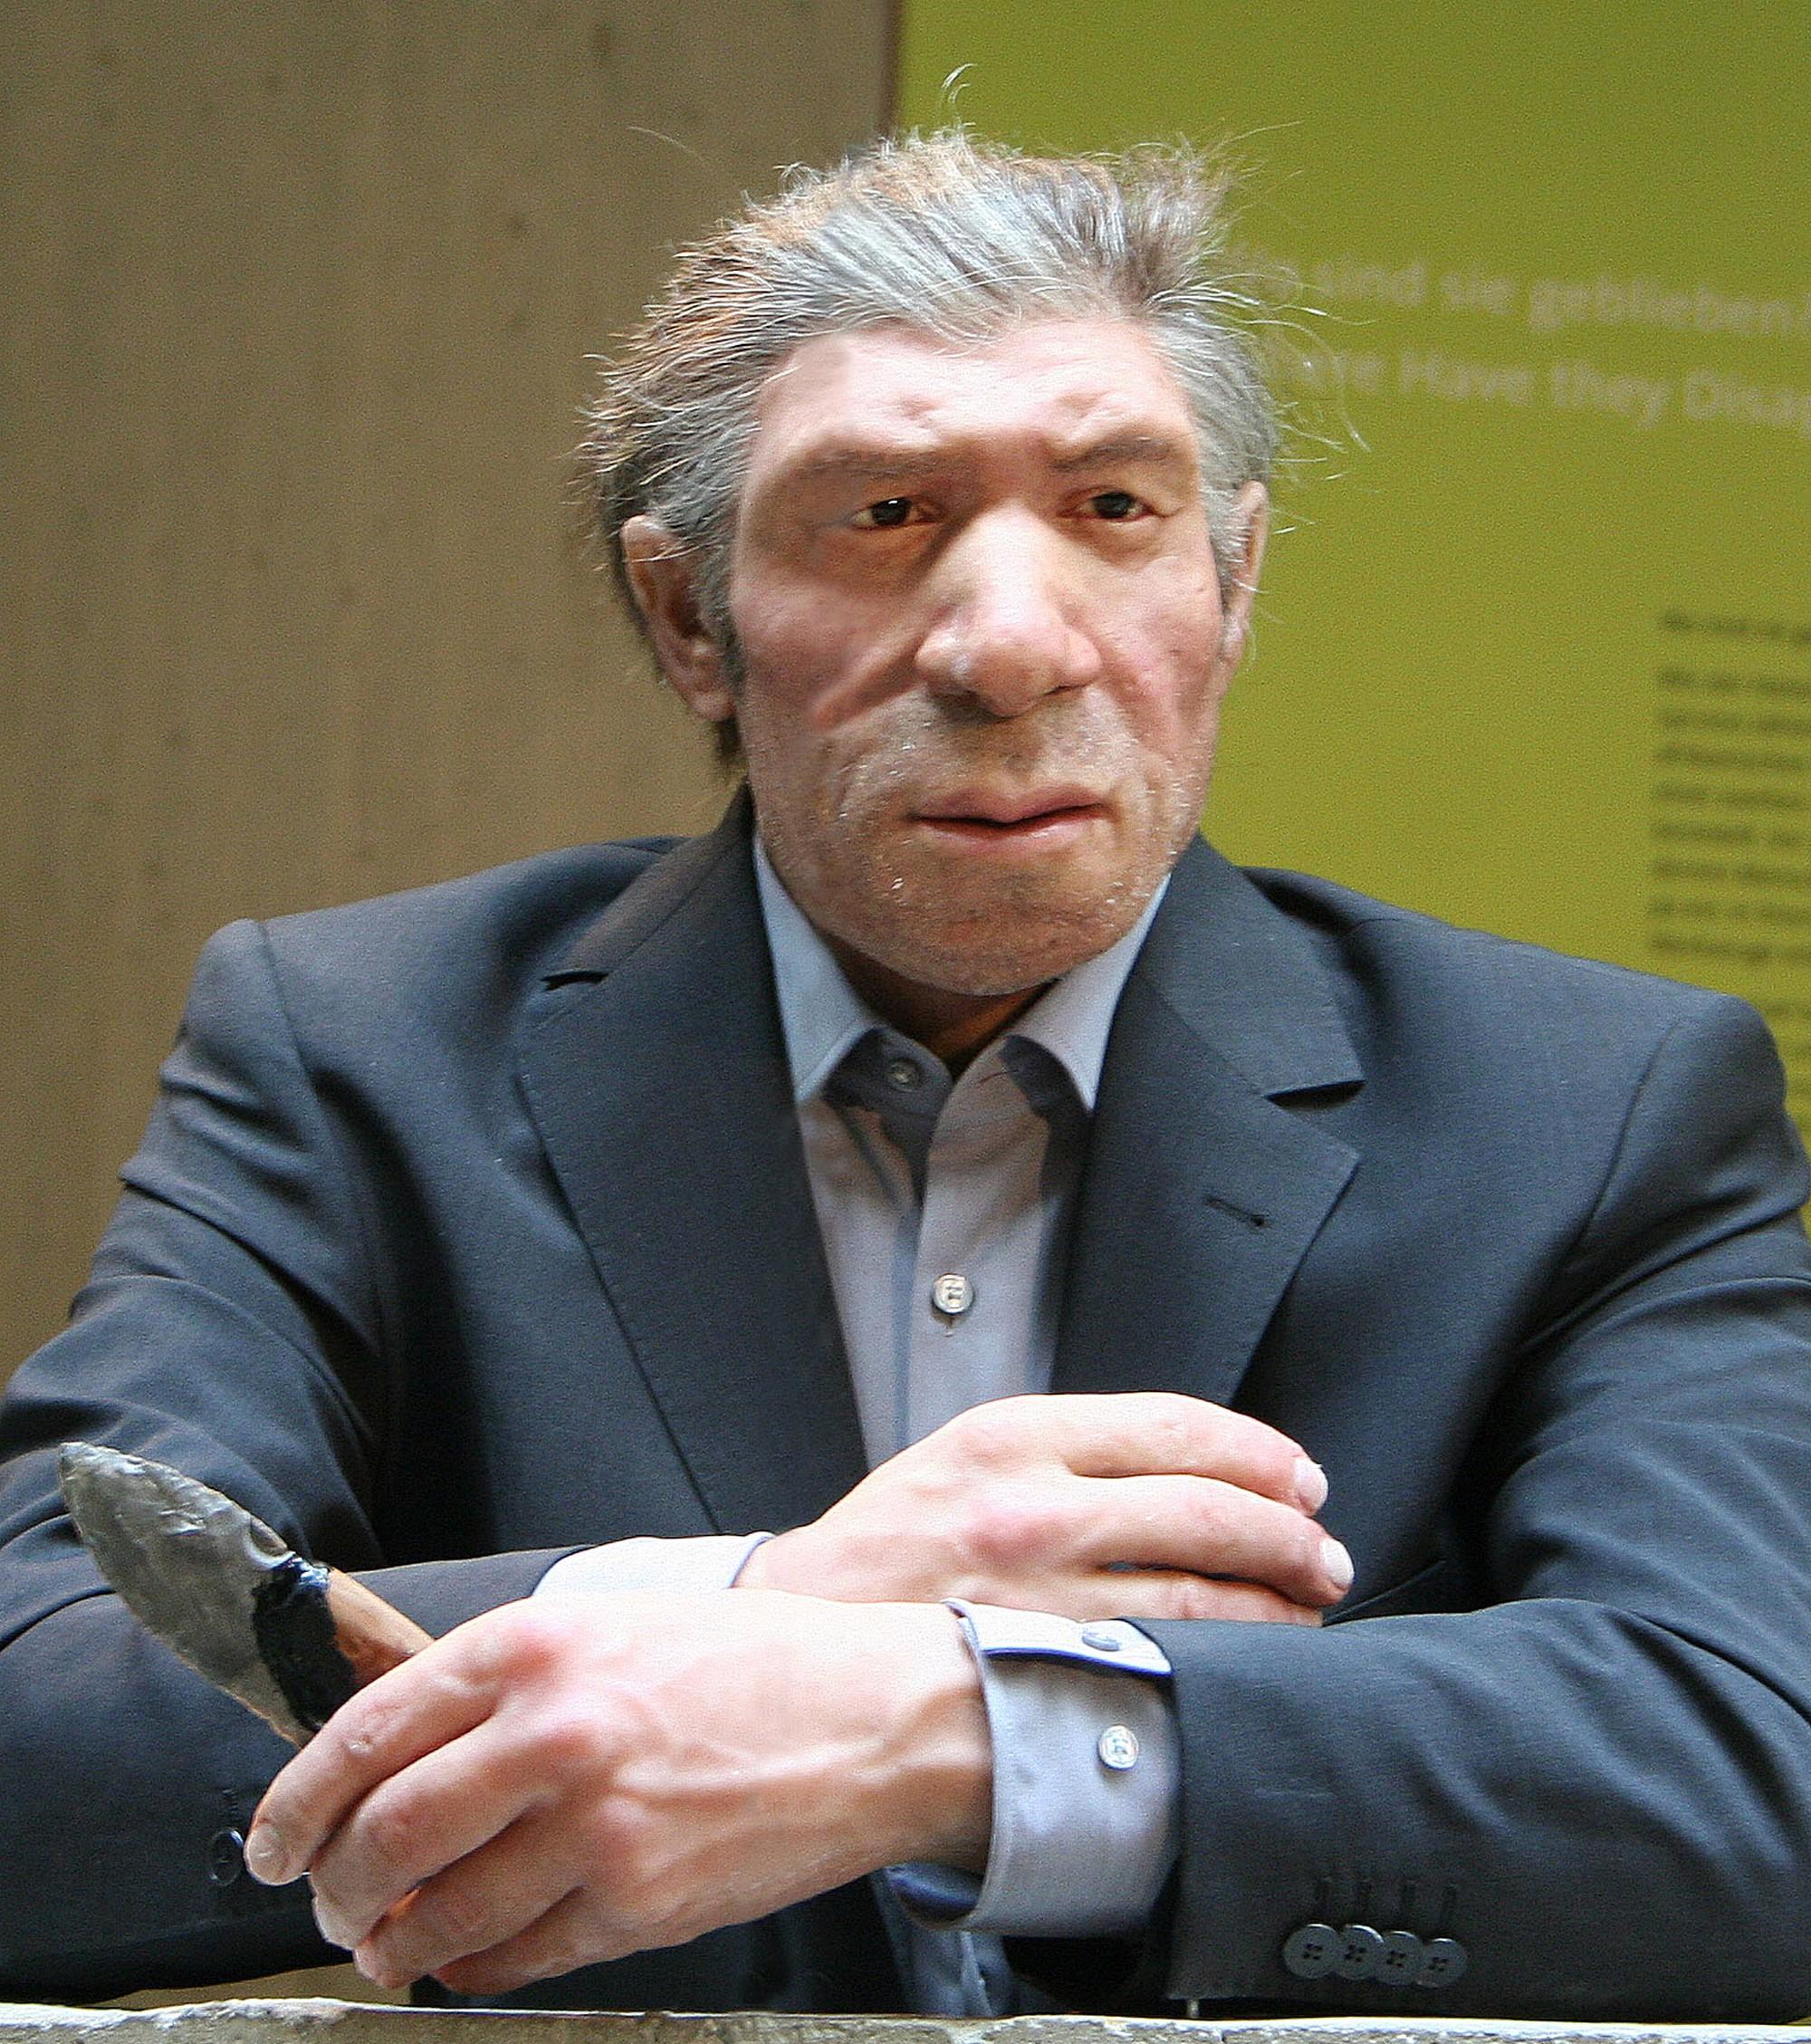 Неандерталец (реконструкция) в современном костюме. Музей неандертальцев, Дюссельдорф, западная Германия (Einsamer Schutz, Wikipedia.org)